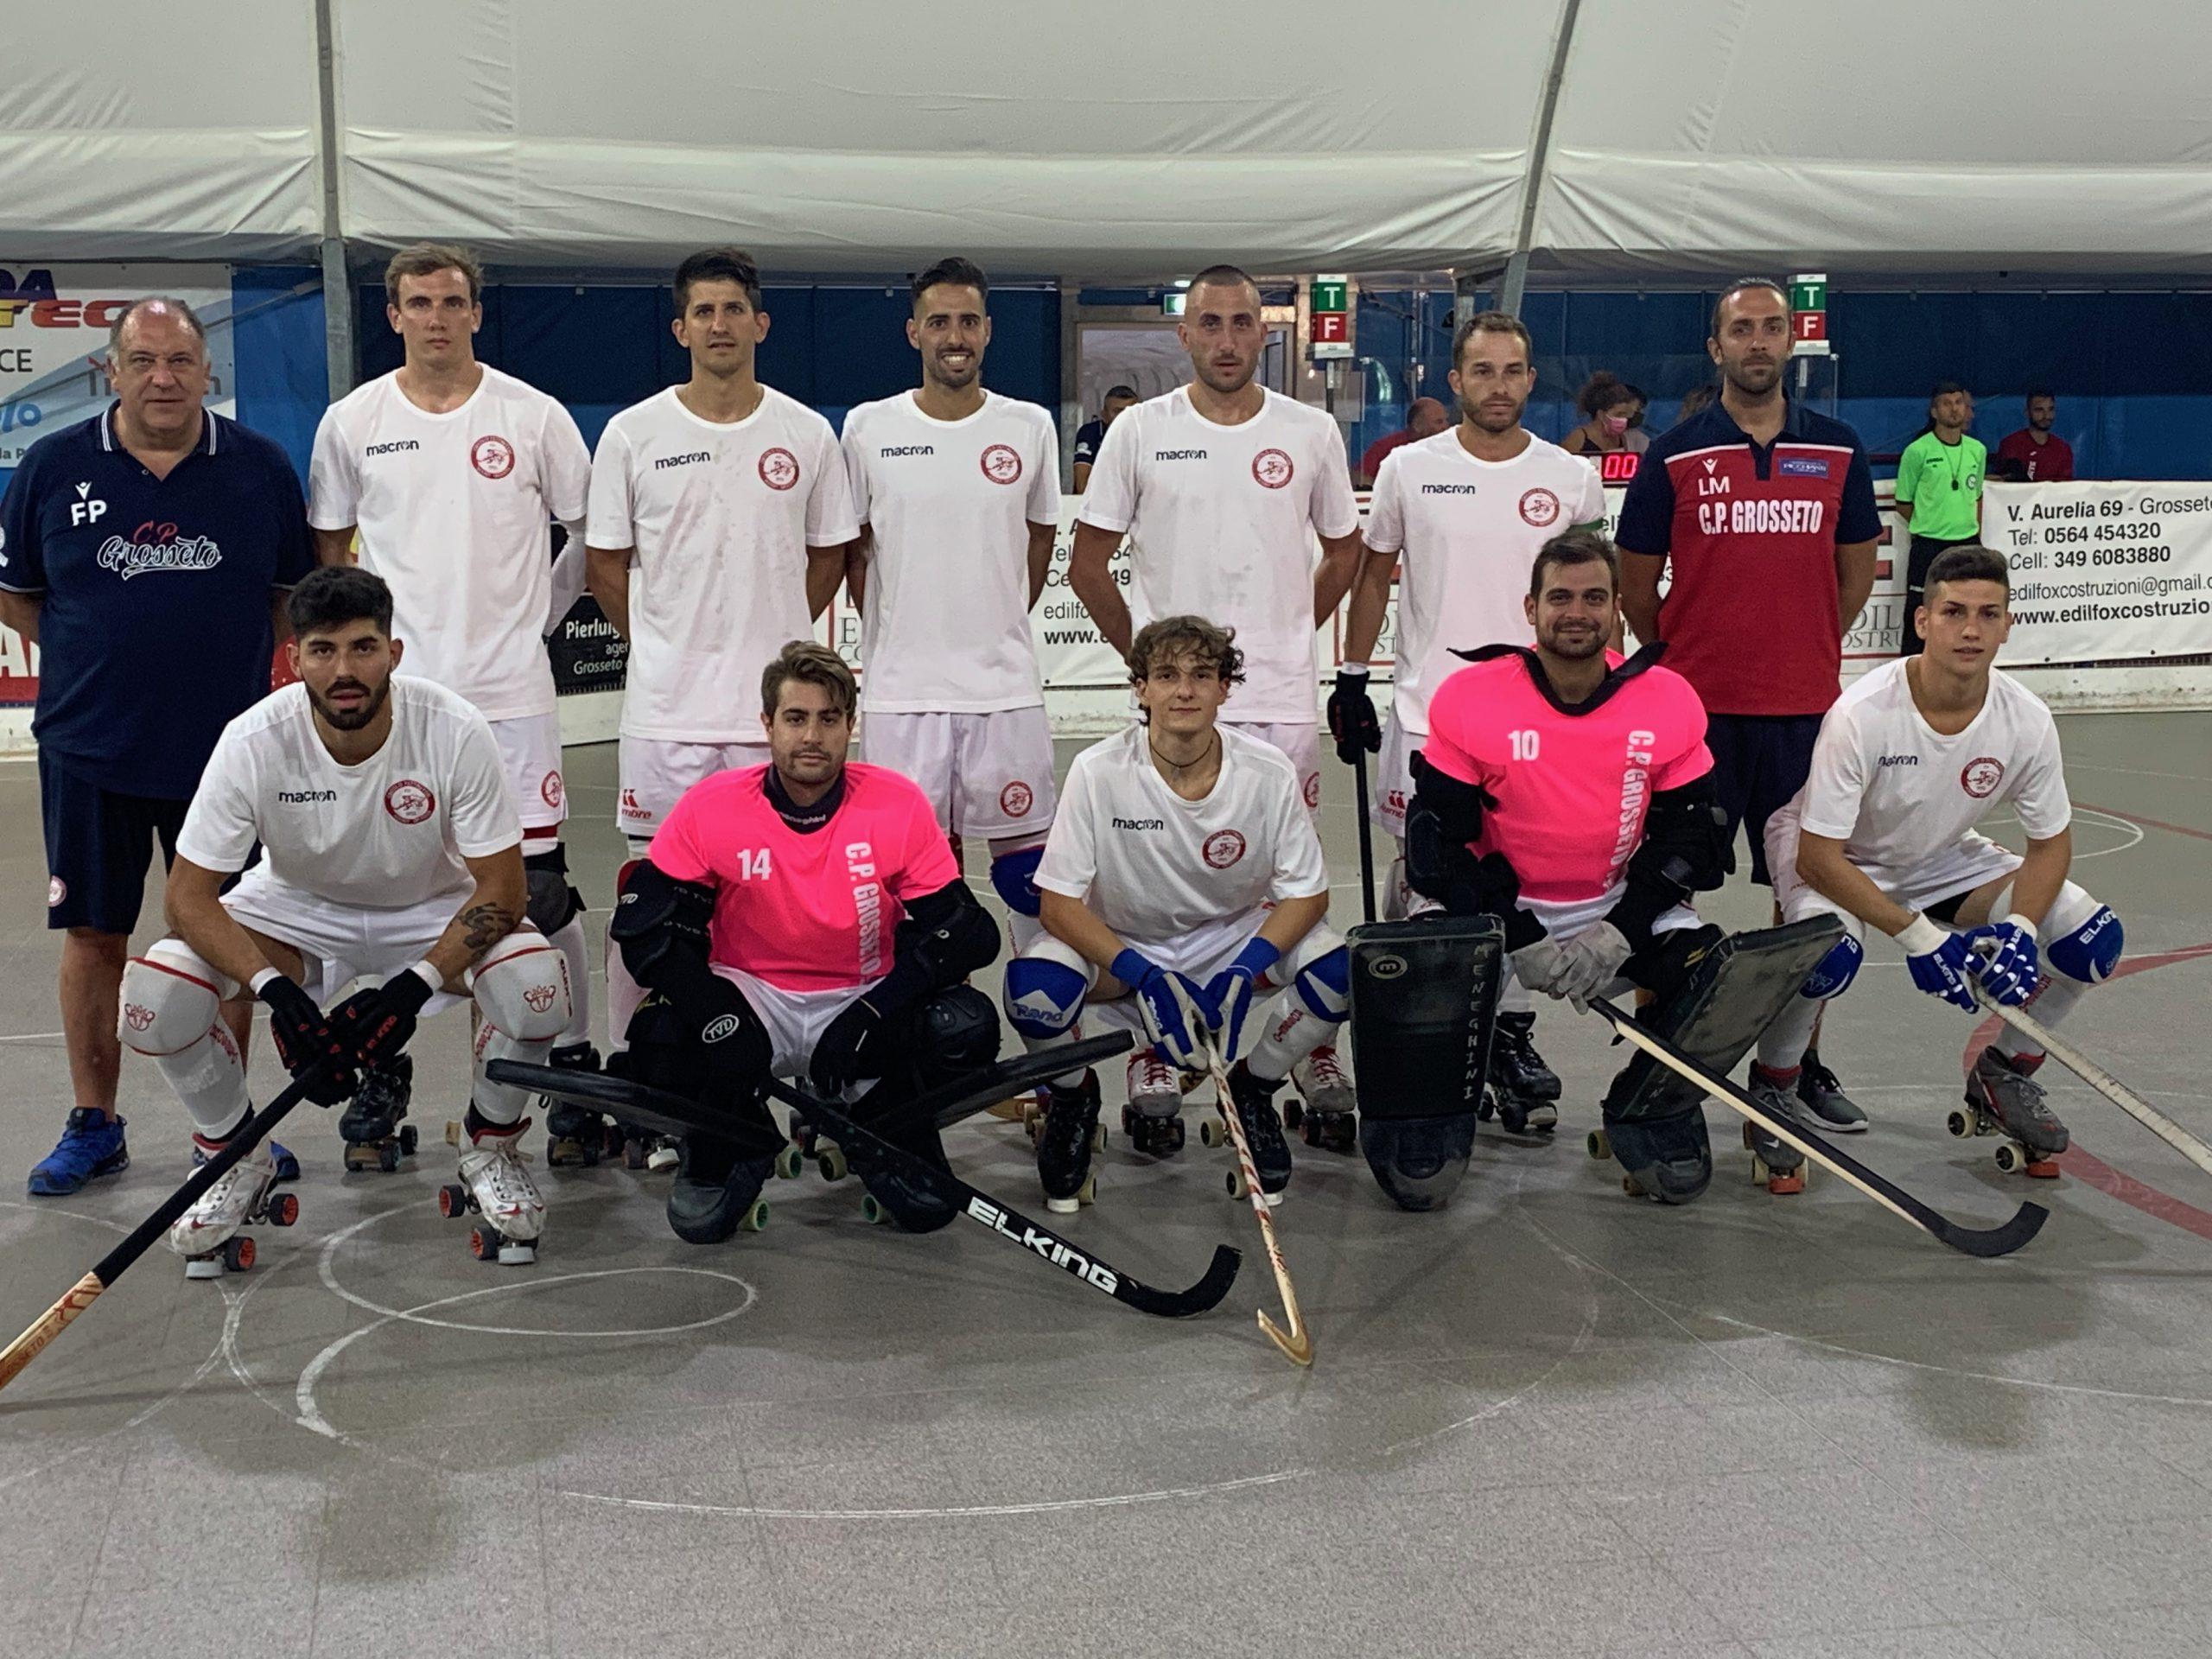 hockey-pista-squadra-circolo-pattinatori-grosseto